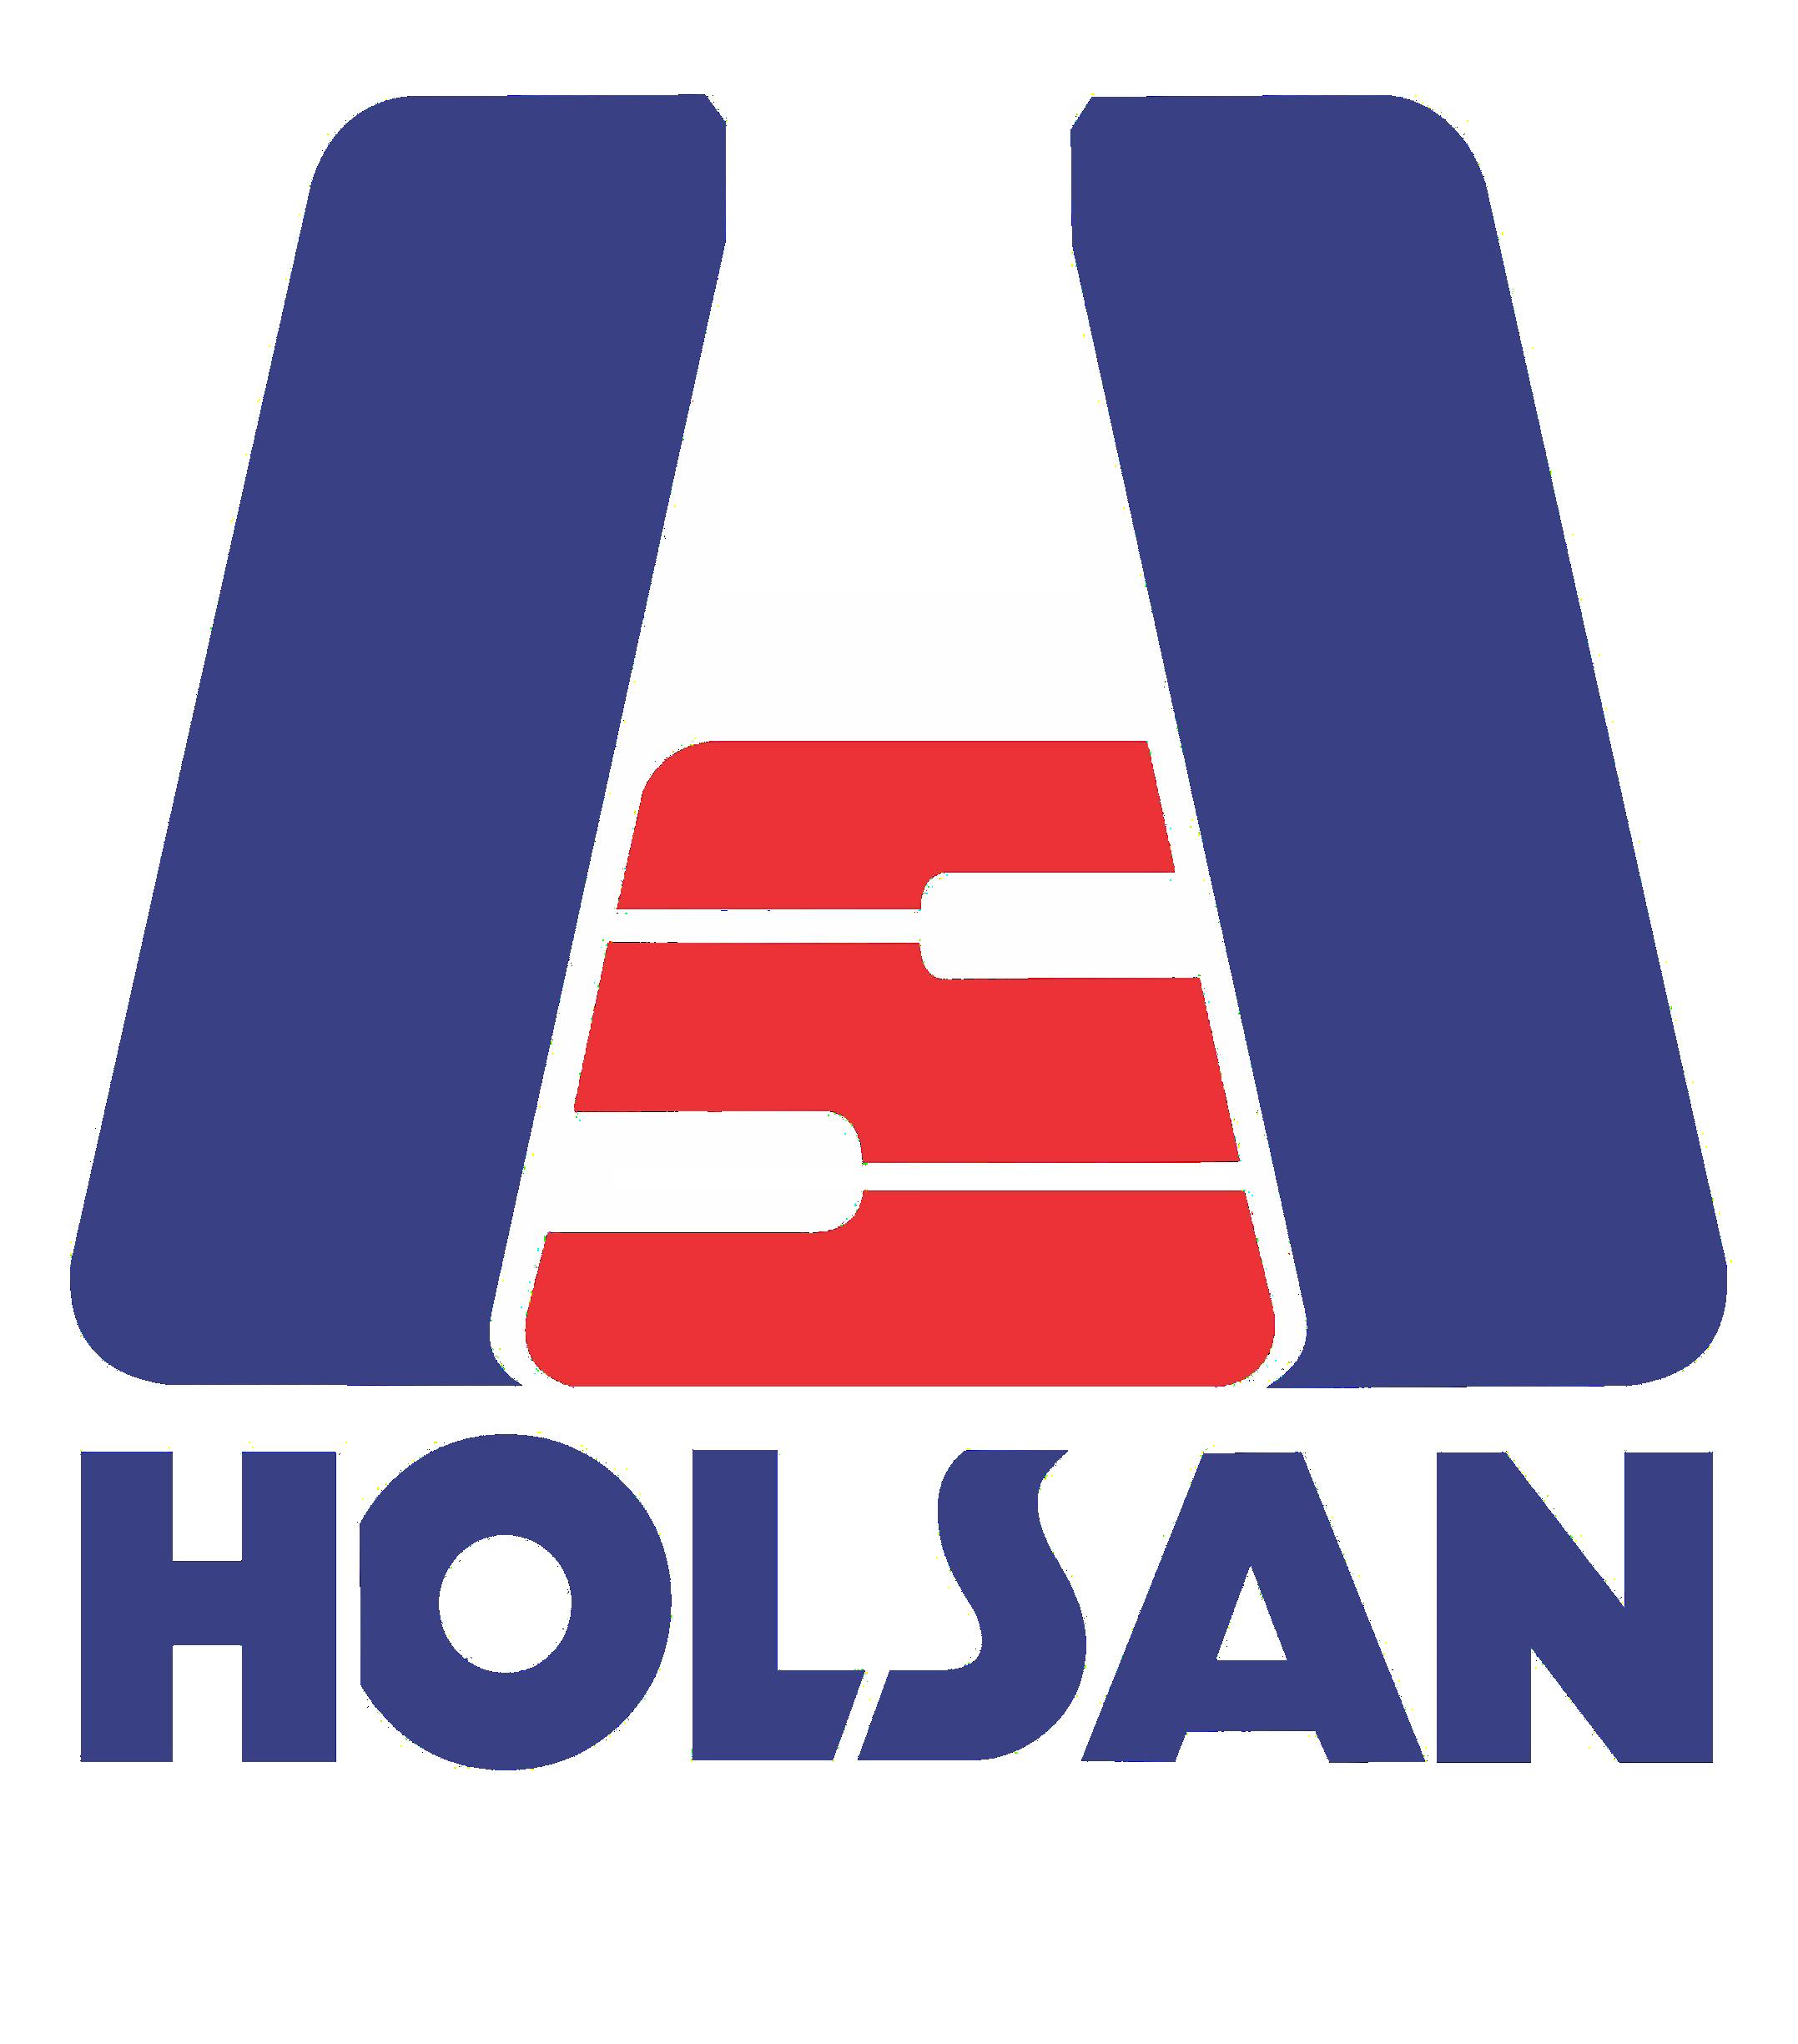 Holsan.